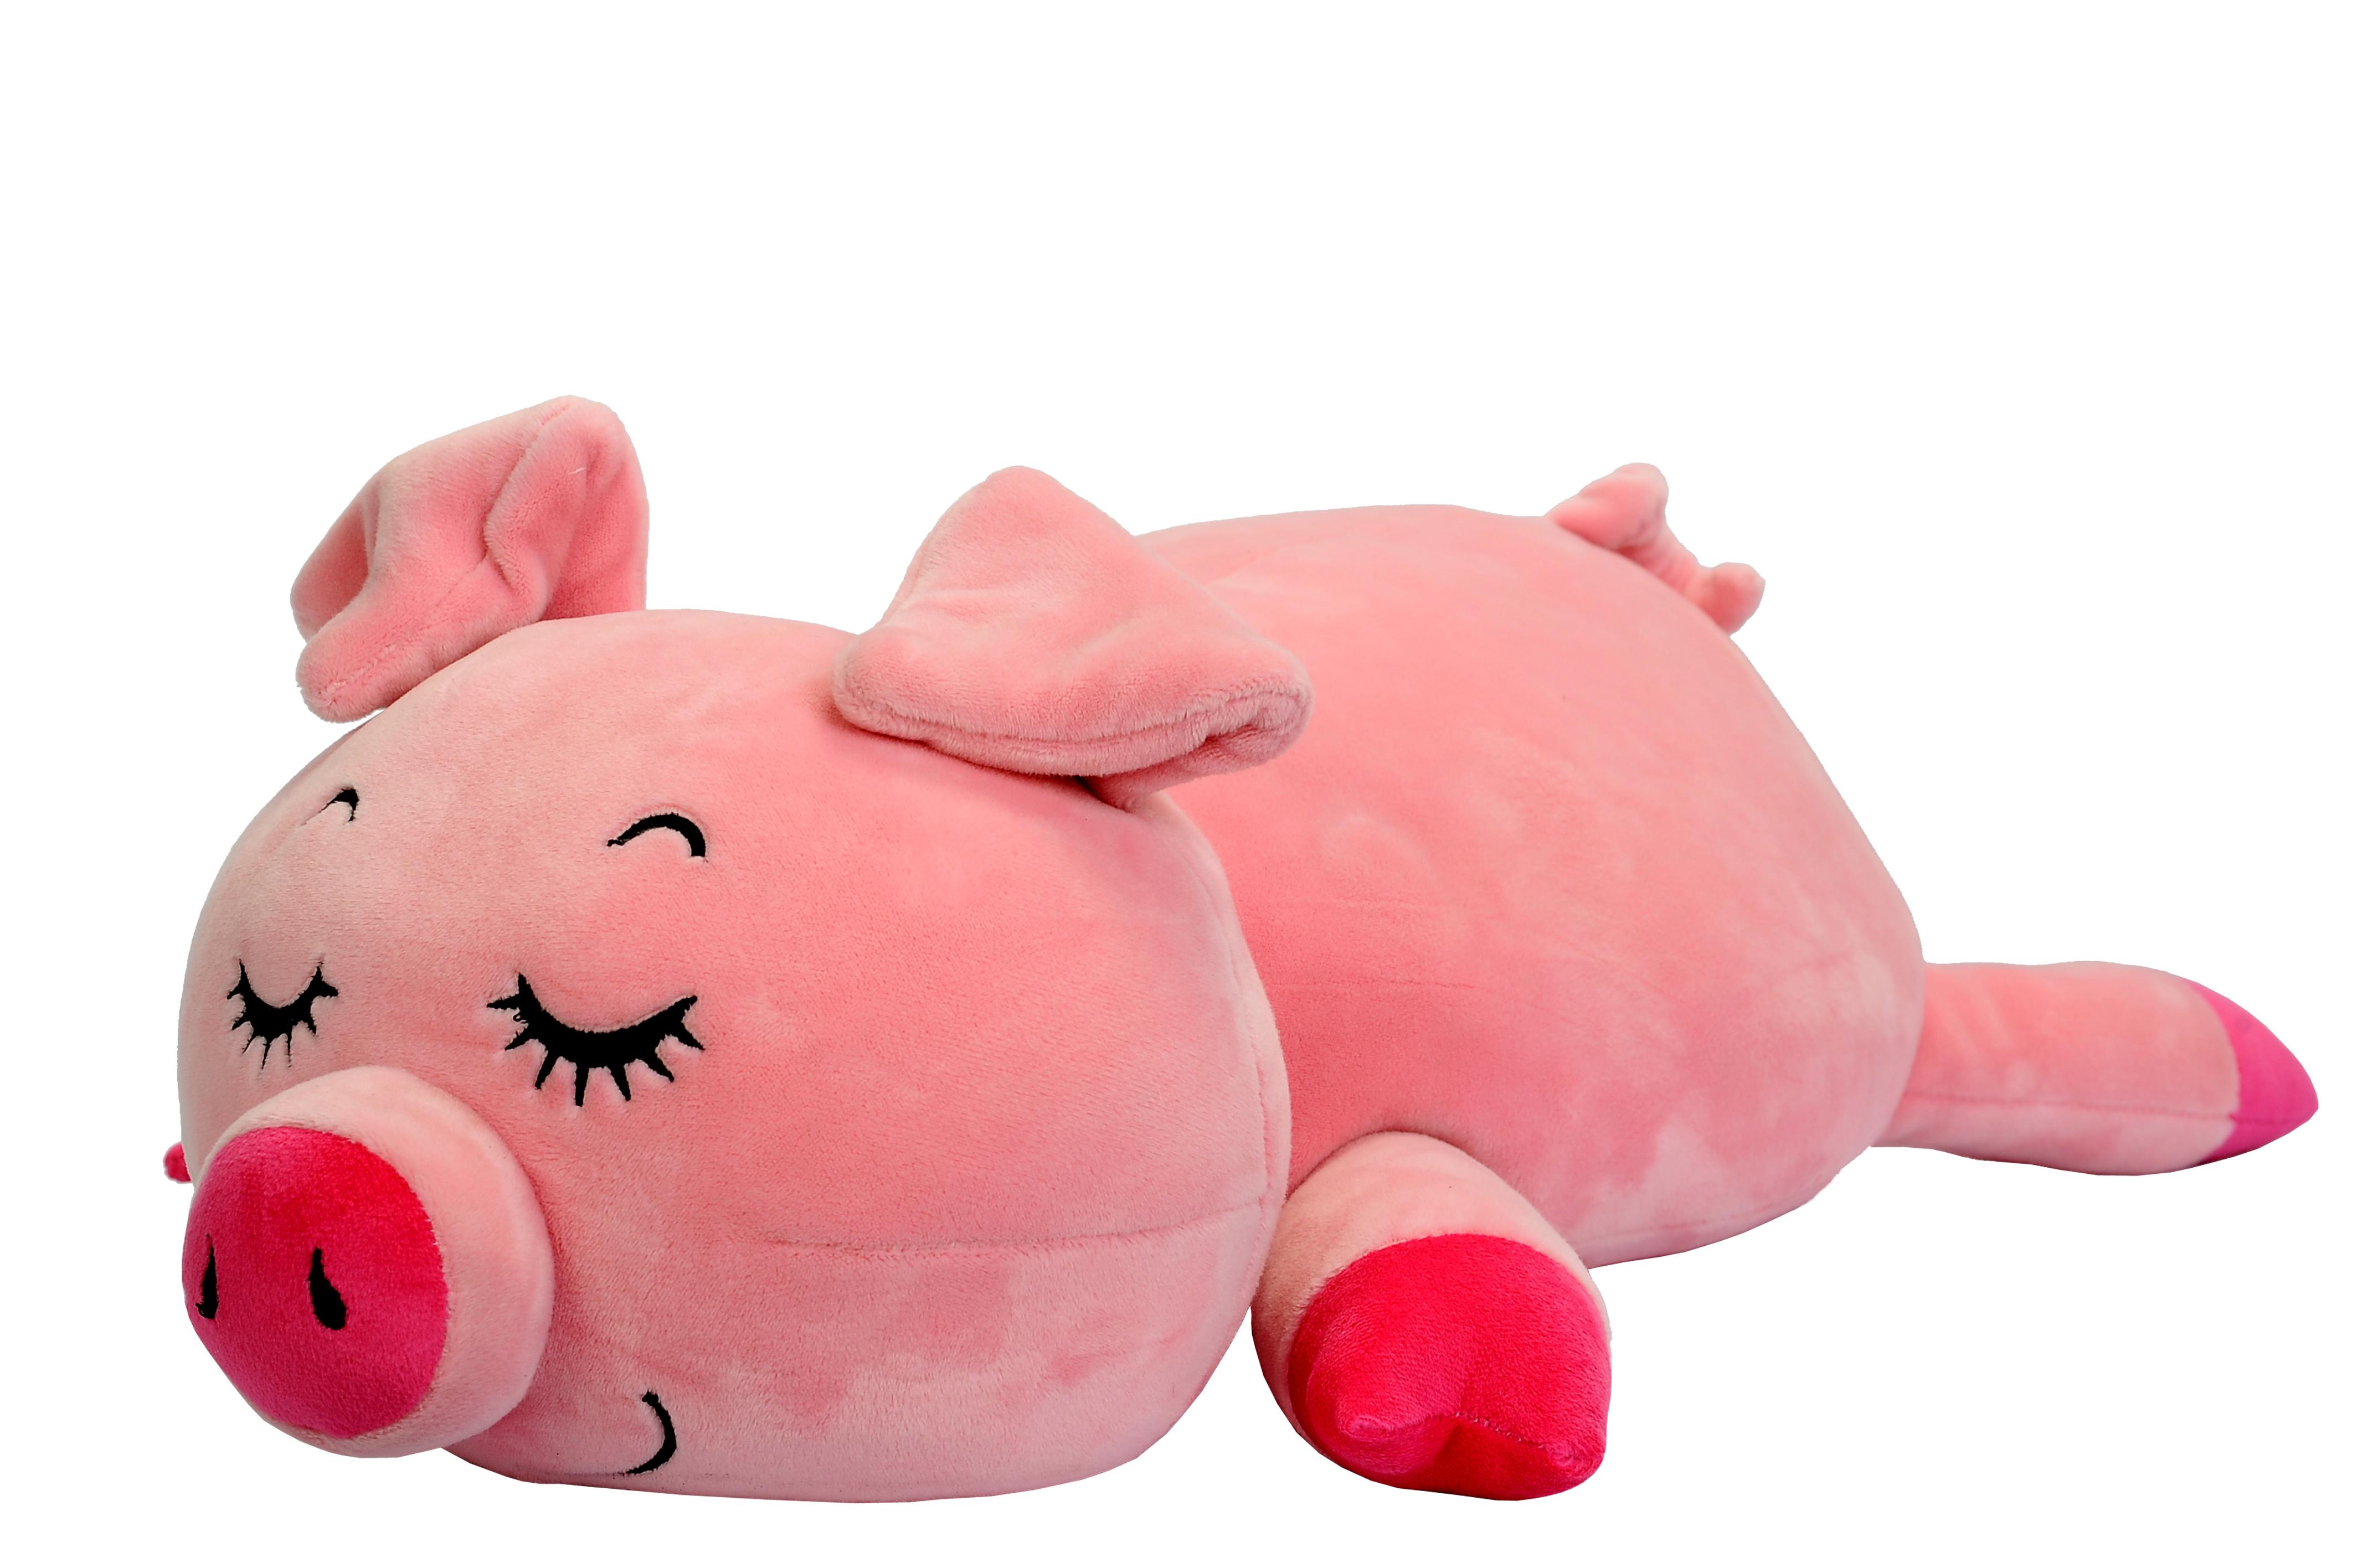 Мягкая игрушка СмолТойс «Поросенок Слиппи» 40 см мягкая игрушка поросенок 35 см